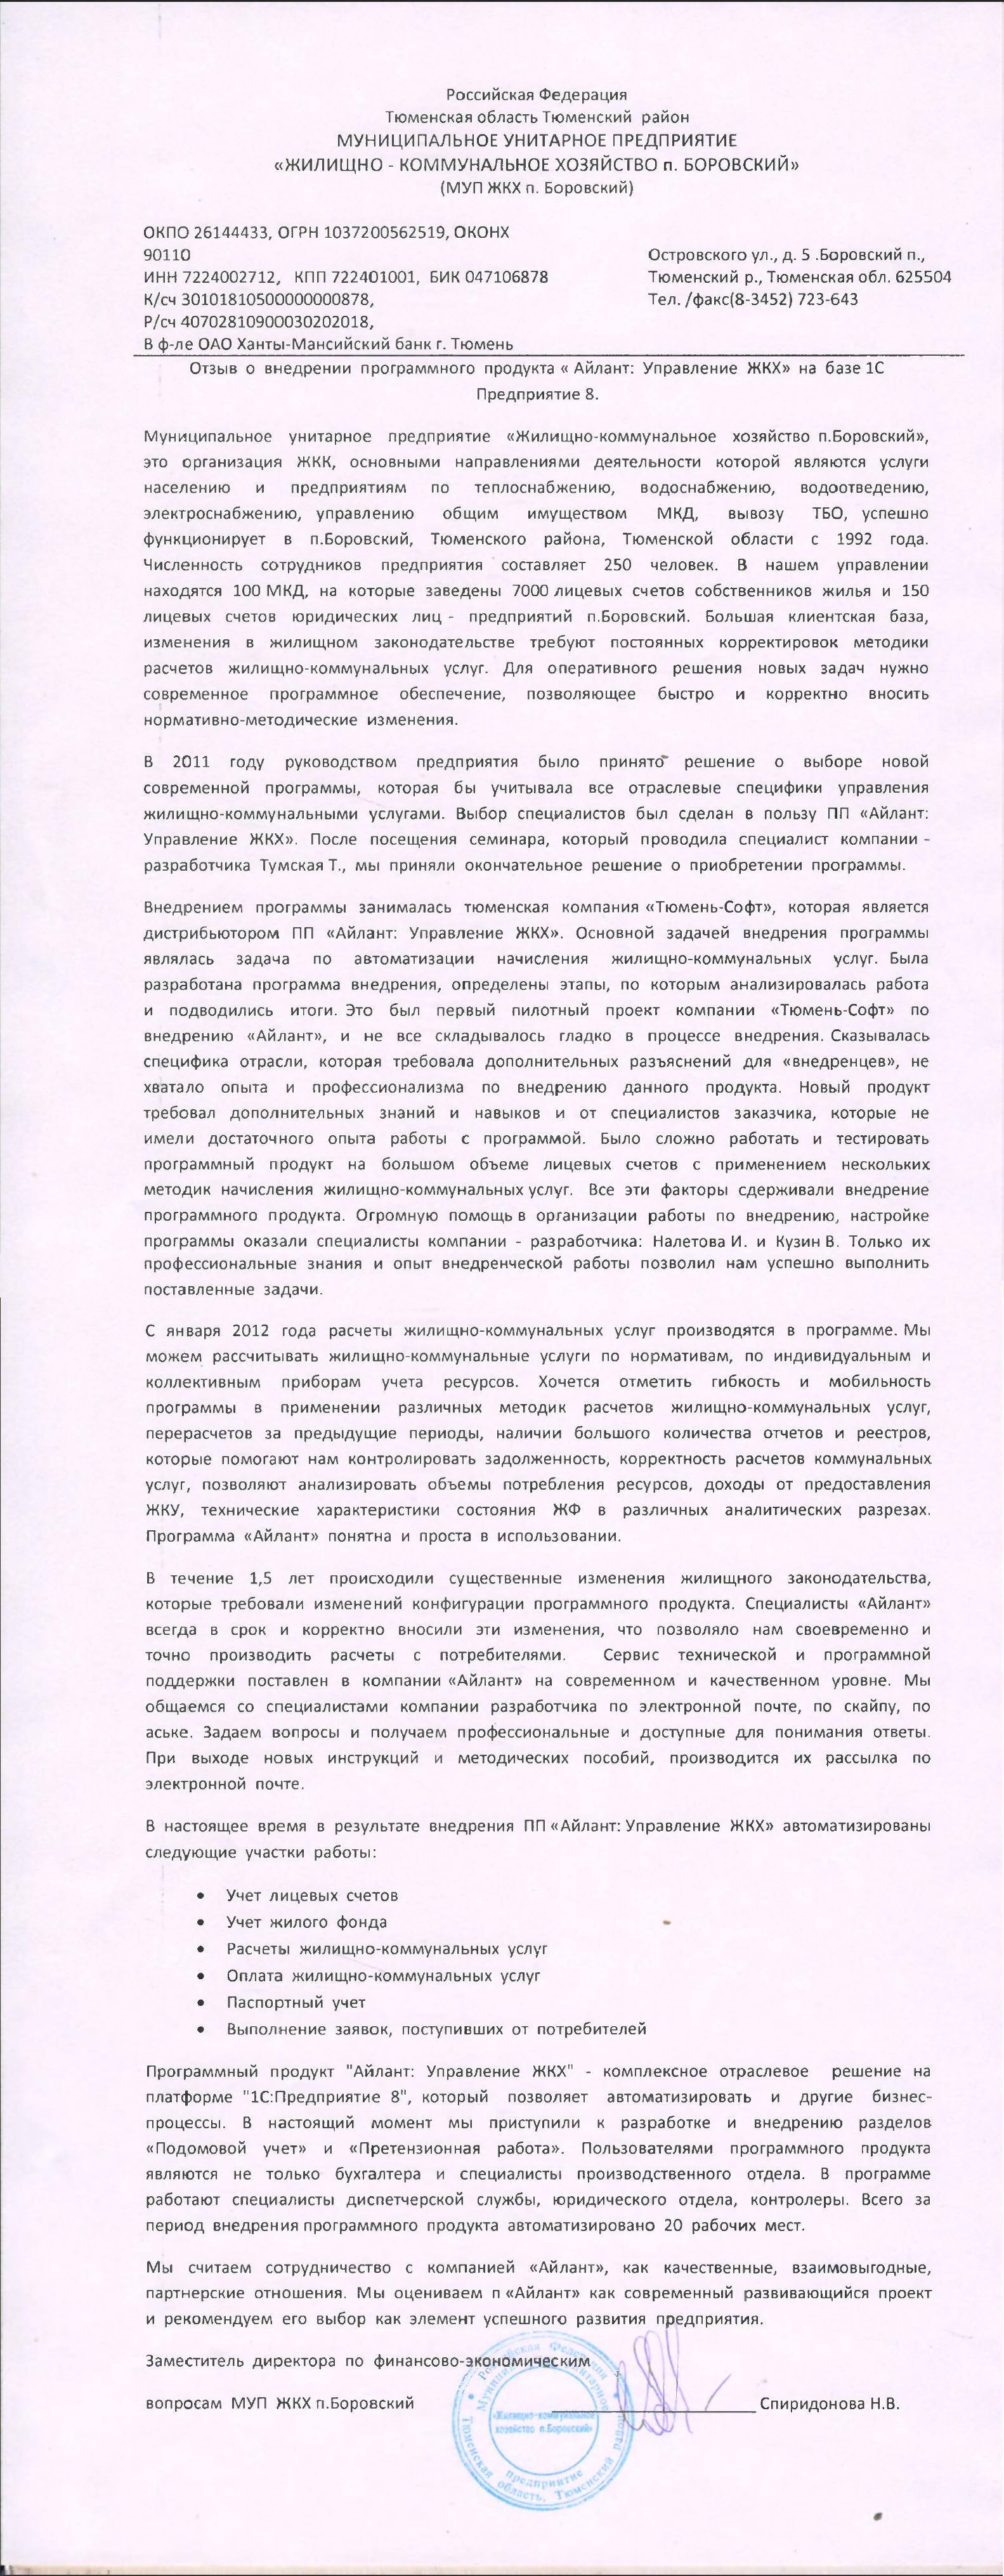 Отзыв о программе Айлант:Управление ЖКХ от МУП Боровский